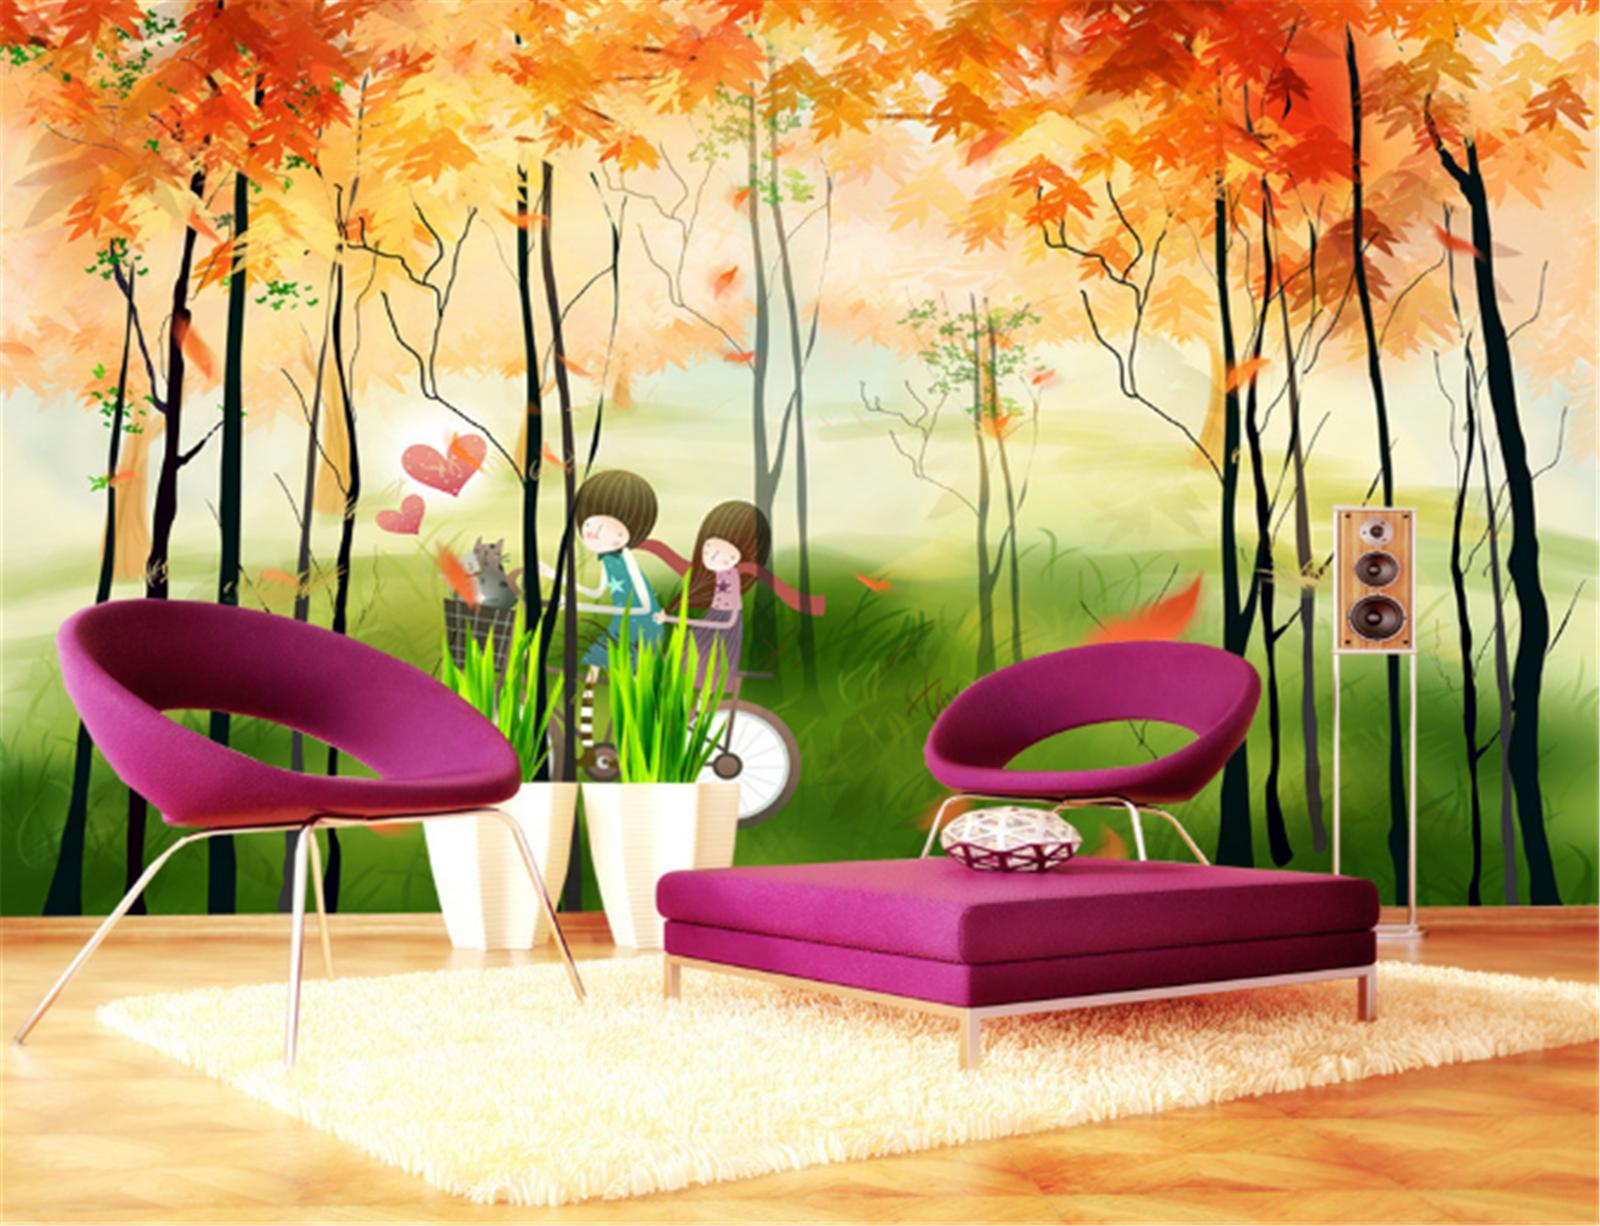 3D Märchen Landschaft 7998 Tapete Wandgemälde Tapeten Bild Familie DE Lemon | Sehr gute Qualität  | Viele Sorten  |